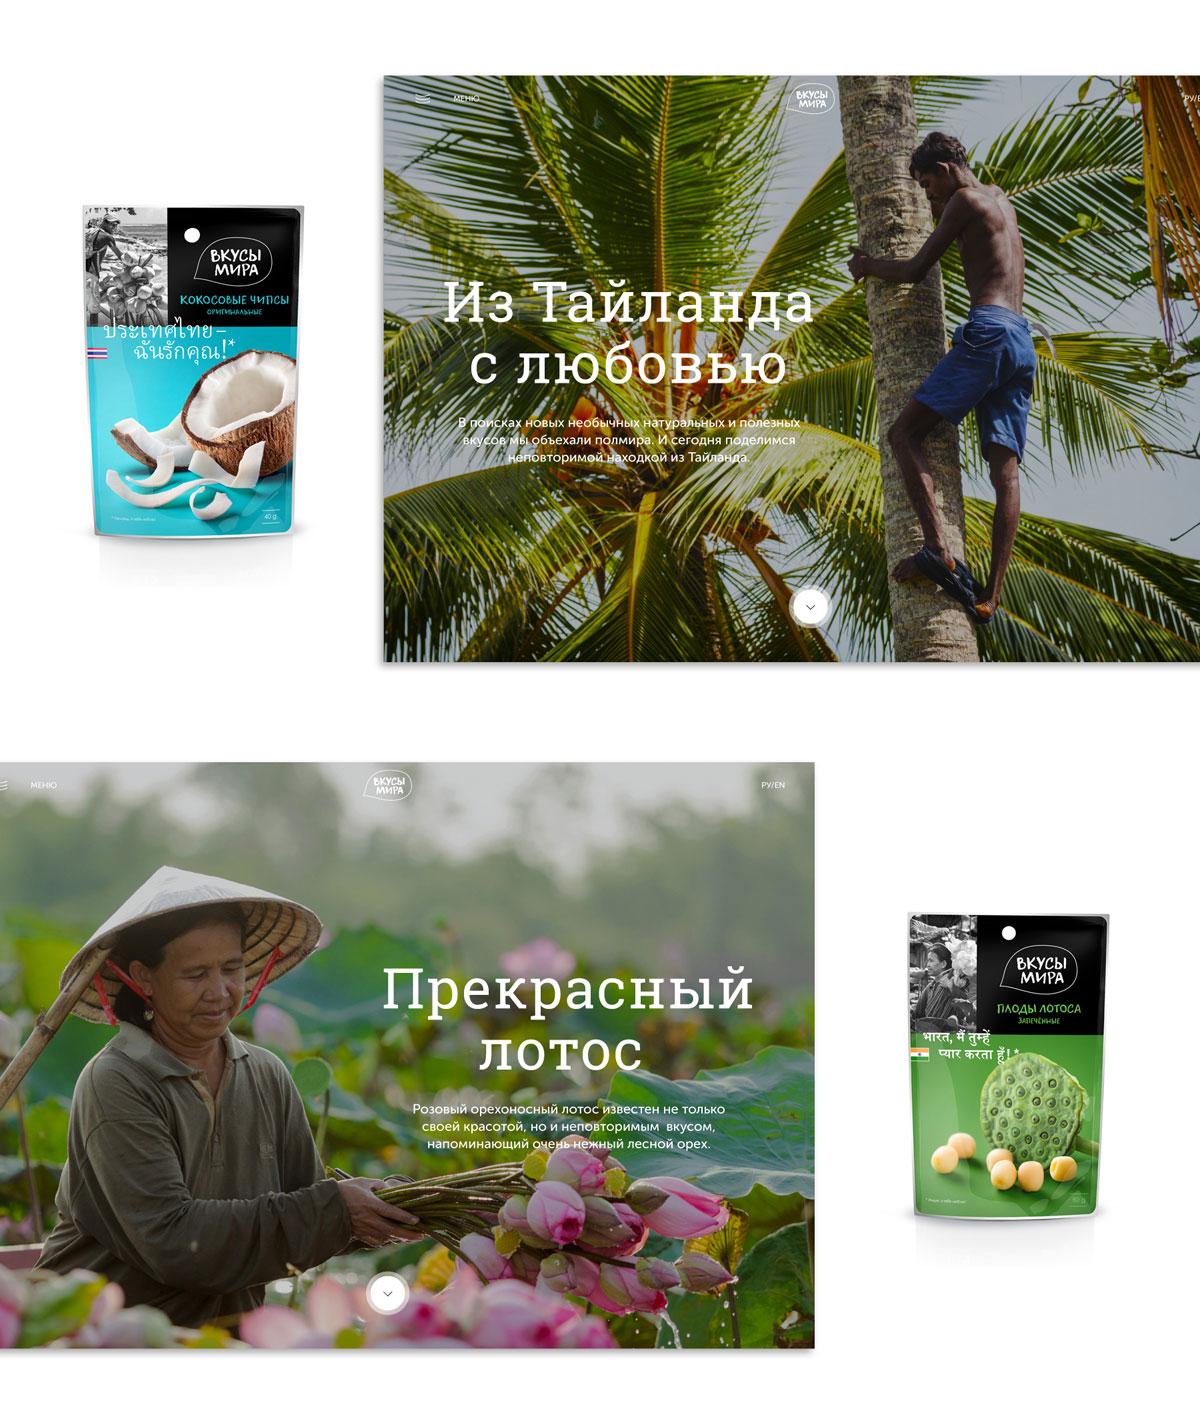 Дизайн сайта предполагает удобную навигацию и возможность изучить историю и происхождение каждого продукта